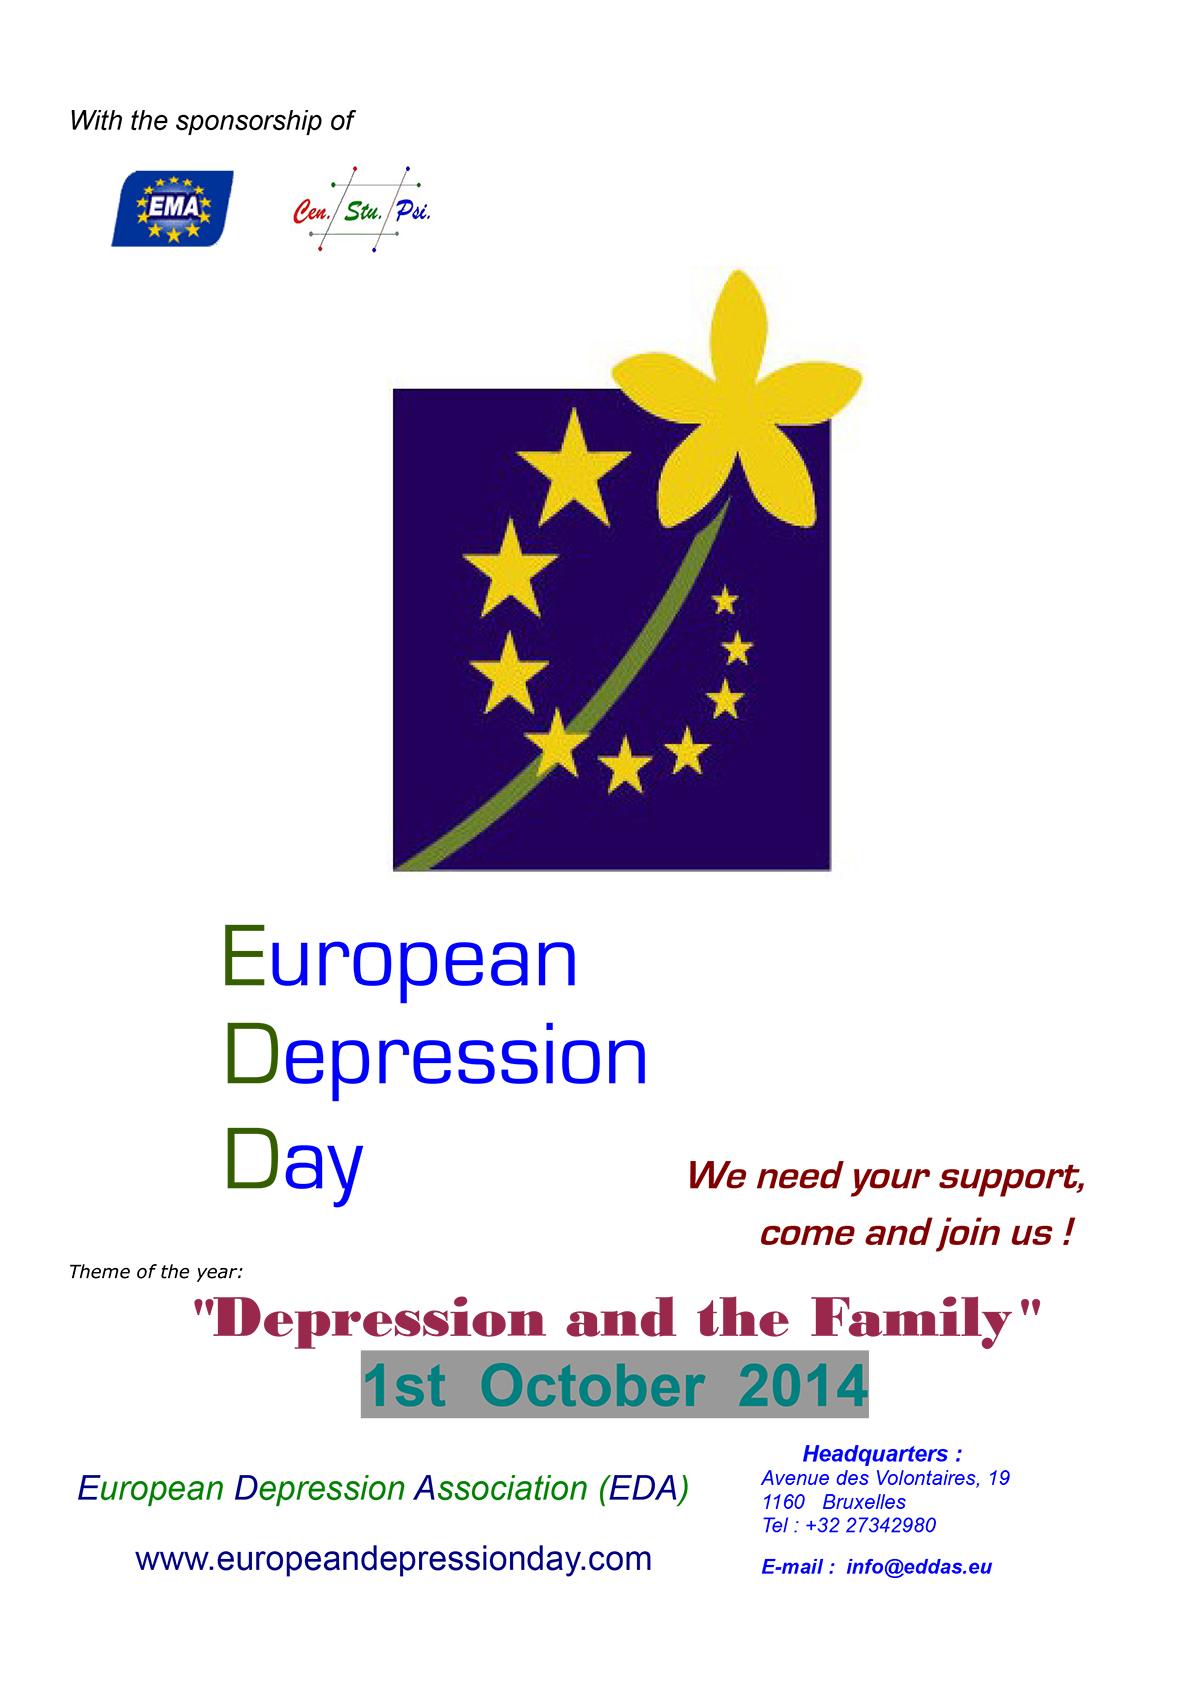 European Depression Day 2014